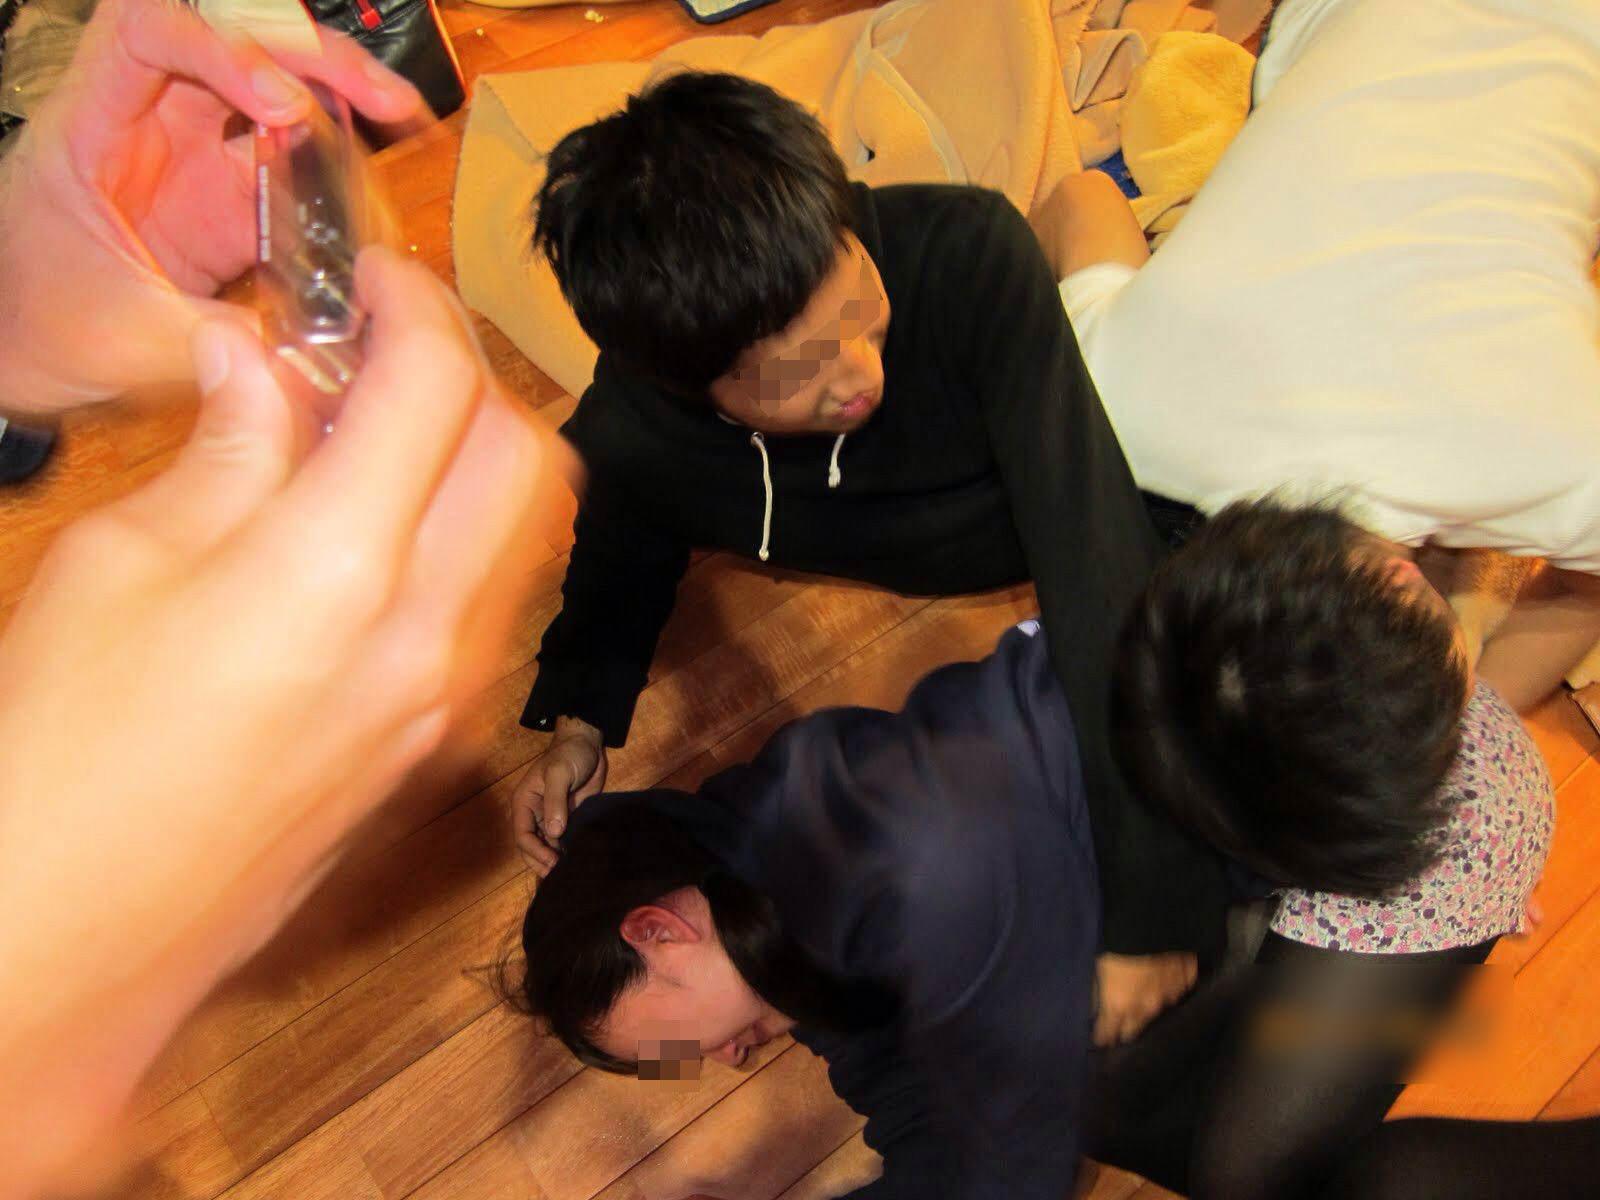 サークル合宿という名の乱交お泊りパティーwwwお馬鹿な女子大生が男たちの餌食にあい処女消失www 1705